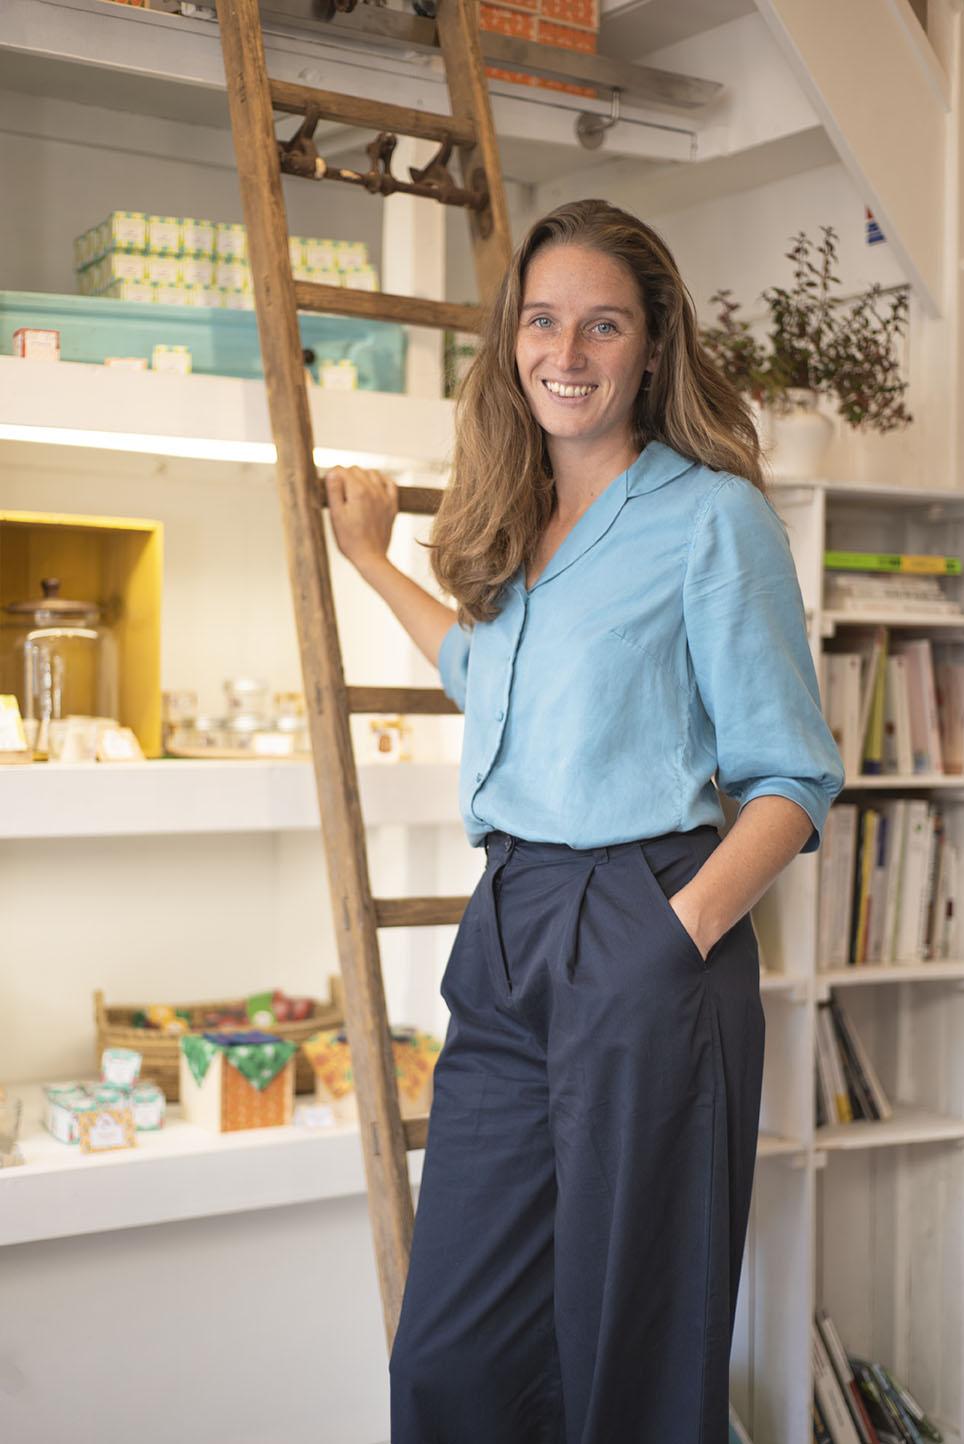 Portrait de l'entrepreneuse Laëtitia Van de Walle, @Lamazuna